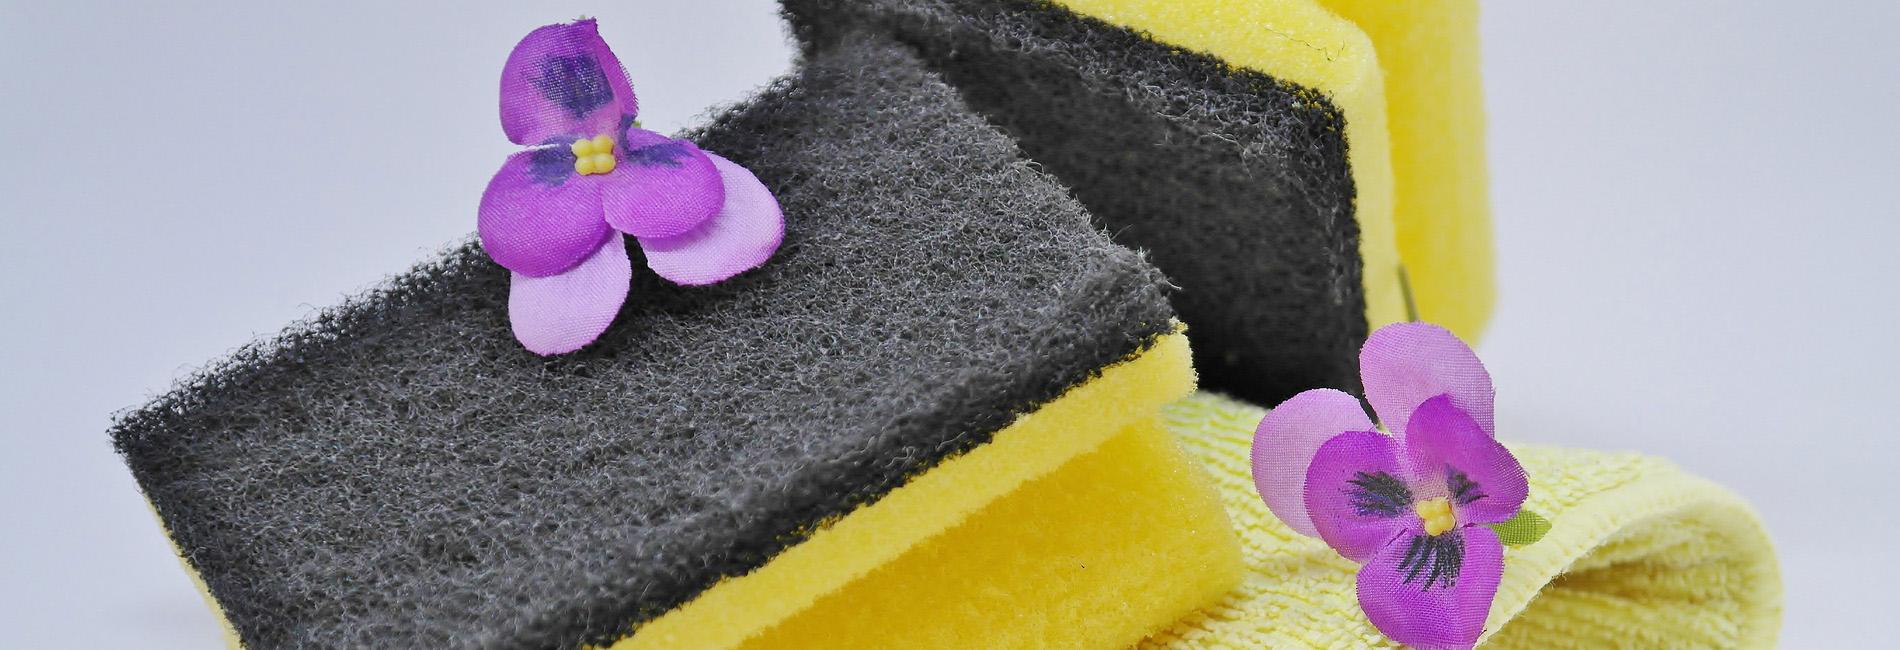 impresa di pulizie multiservizi saronno - sanificazione